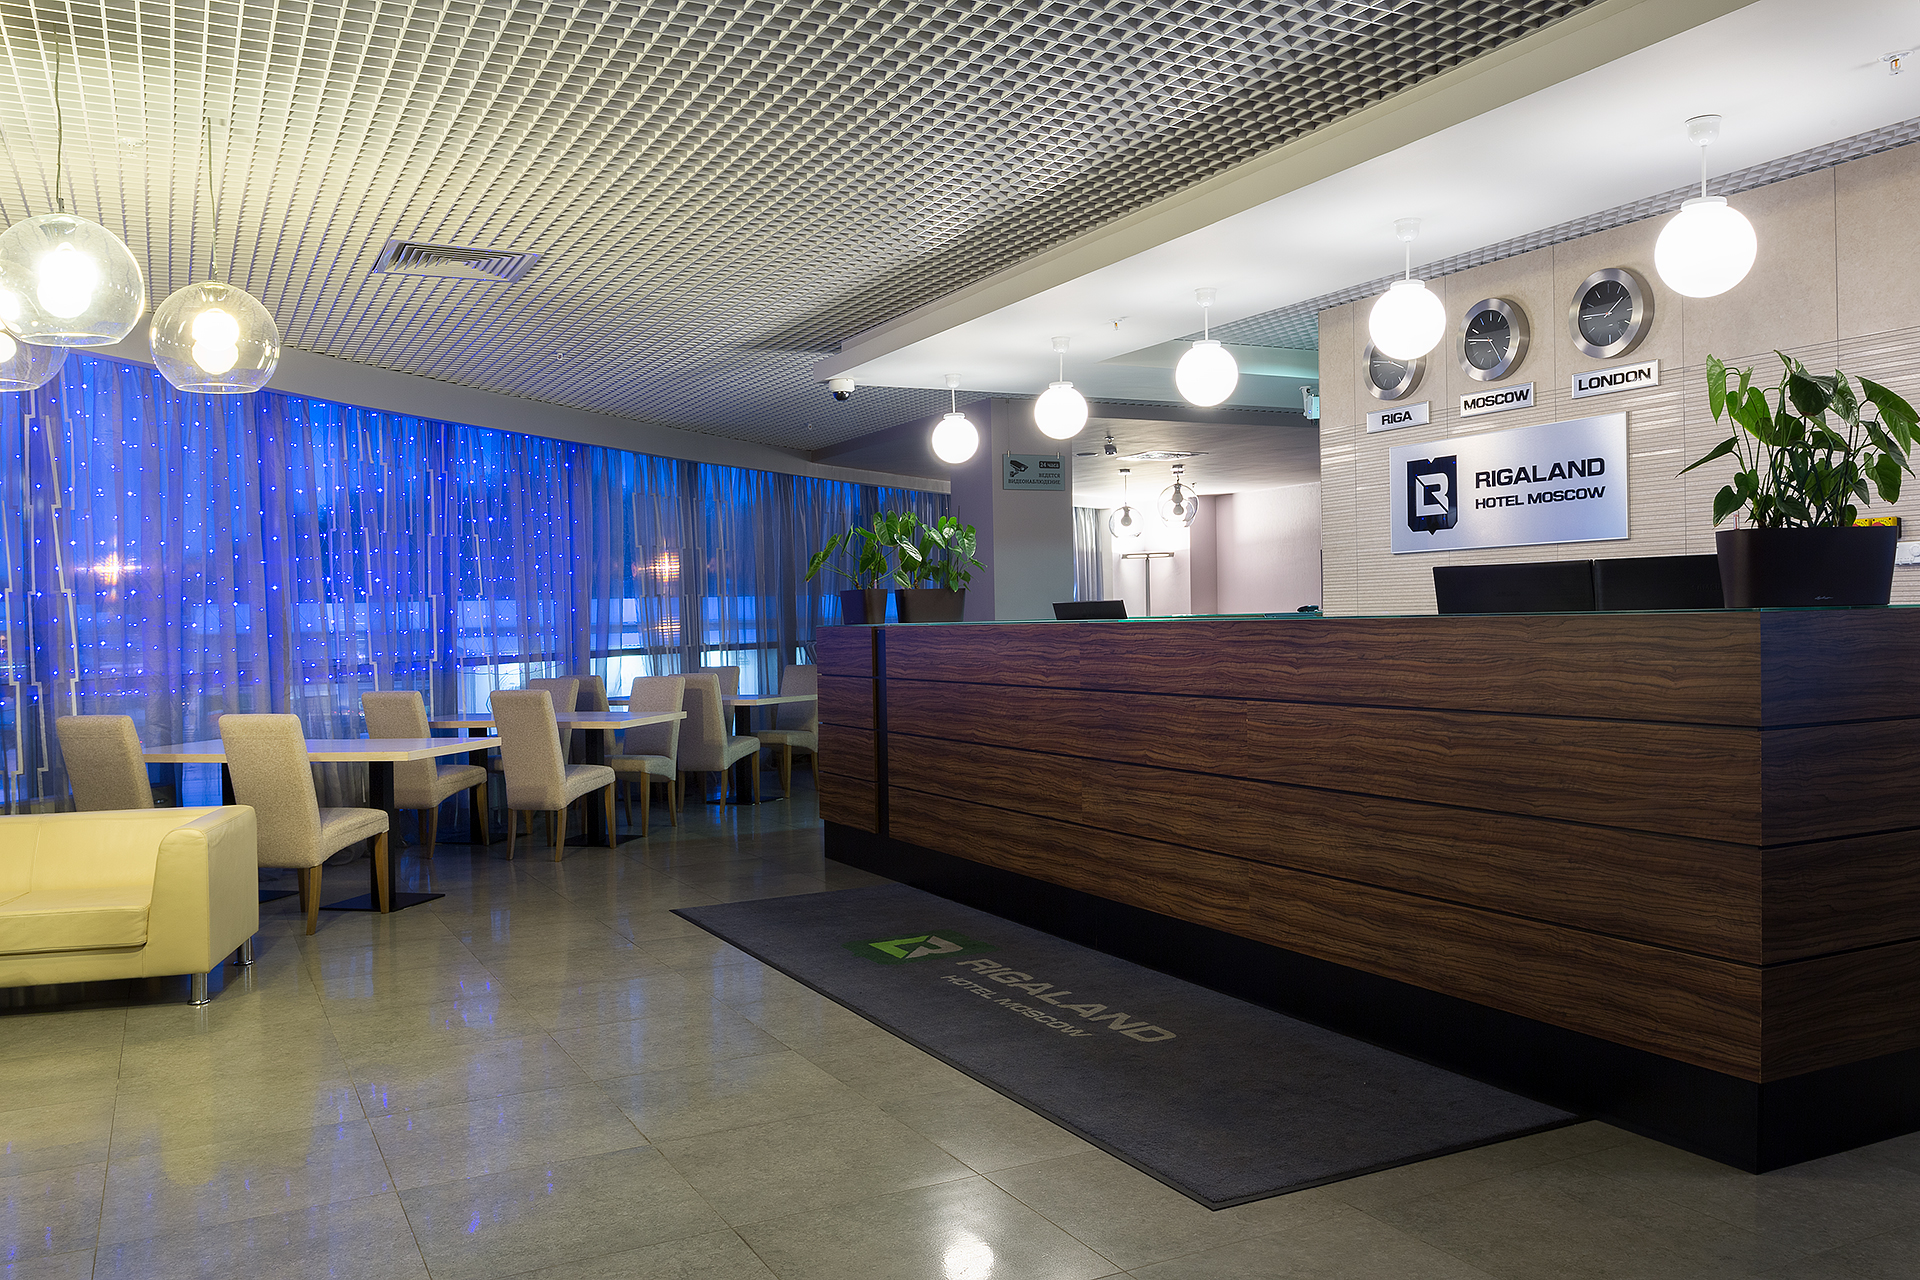 Гостиница европейского уровня «Рига Ленд» в Красногорском районе неподалеку от «Крокус ЭКСПО»